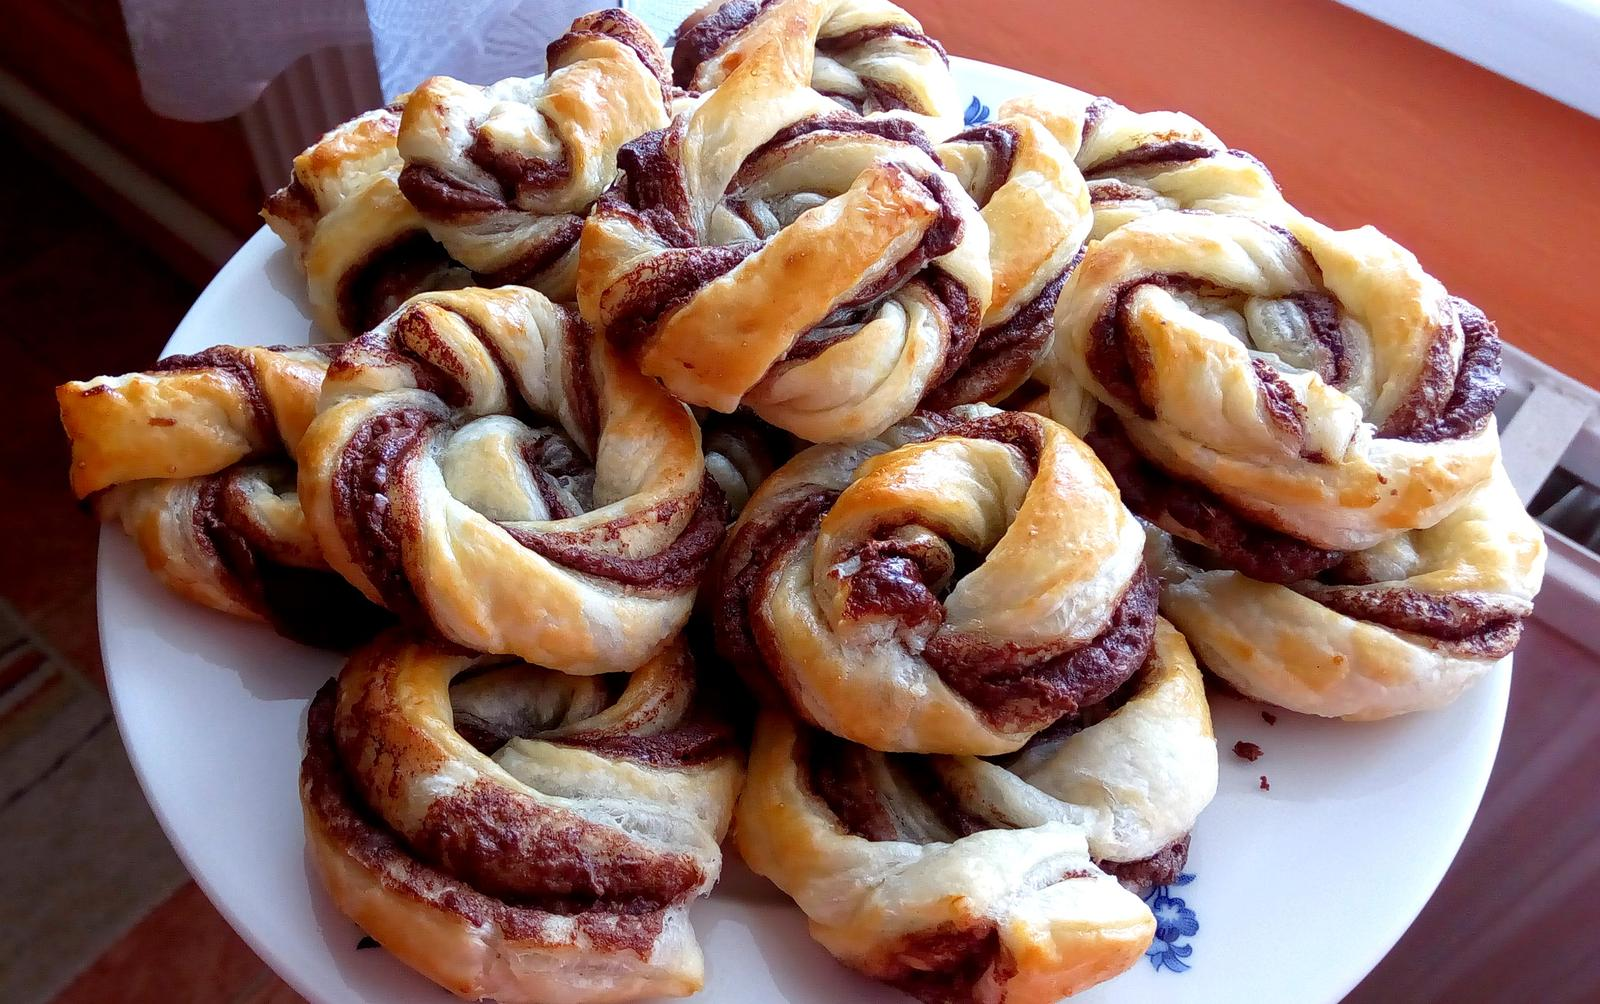 Hokus pokus v kuchyni - šneci z listového těsta s nutellou ... překvapení zítra do práce pro kolegy :-)